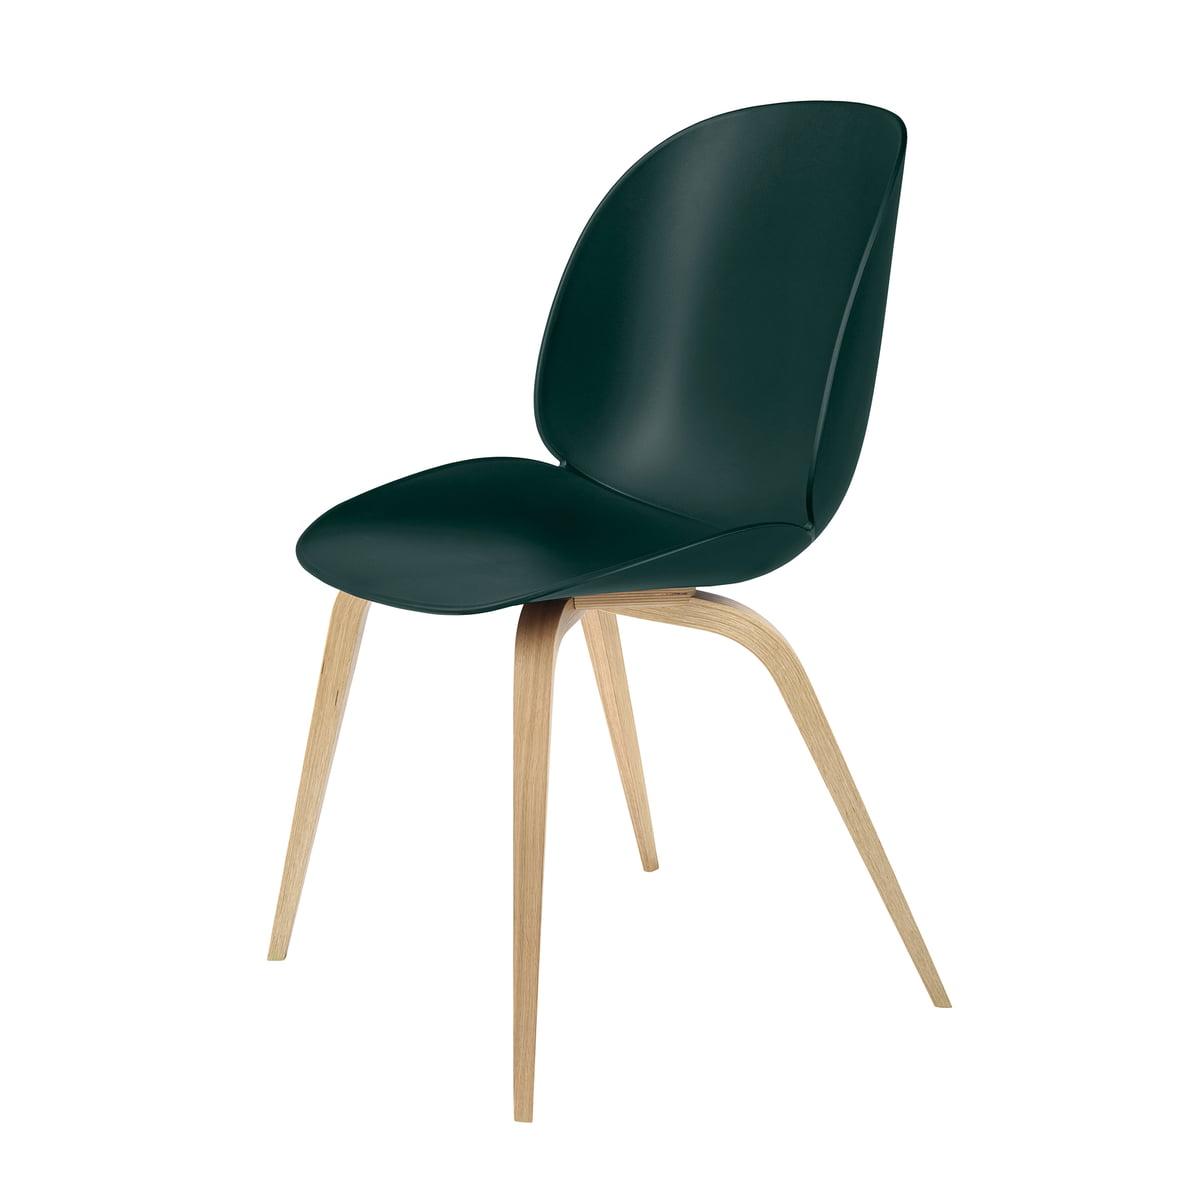 Gubi - Beetle Dining Chair, Wood Base, Eiche / grün   Küche und Esszimmer > Stühle und Hocker   Grün   Gubi